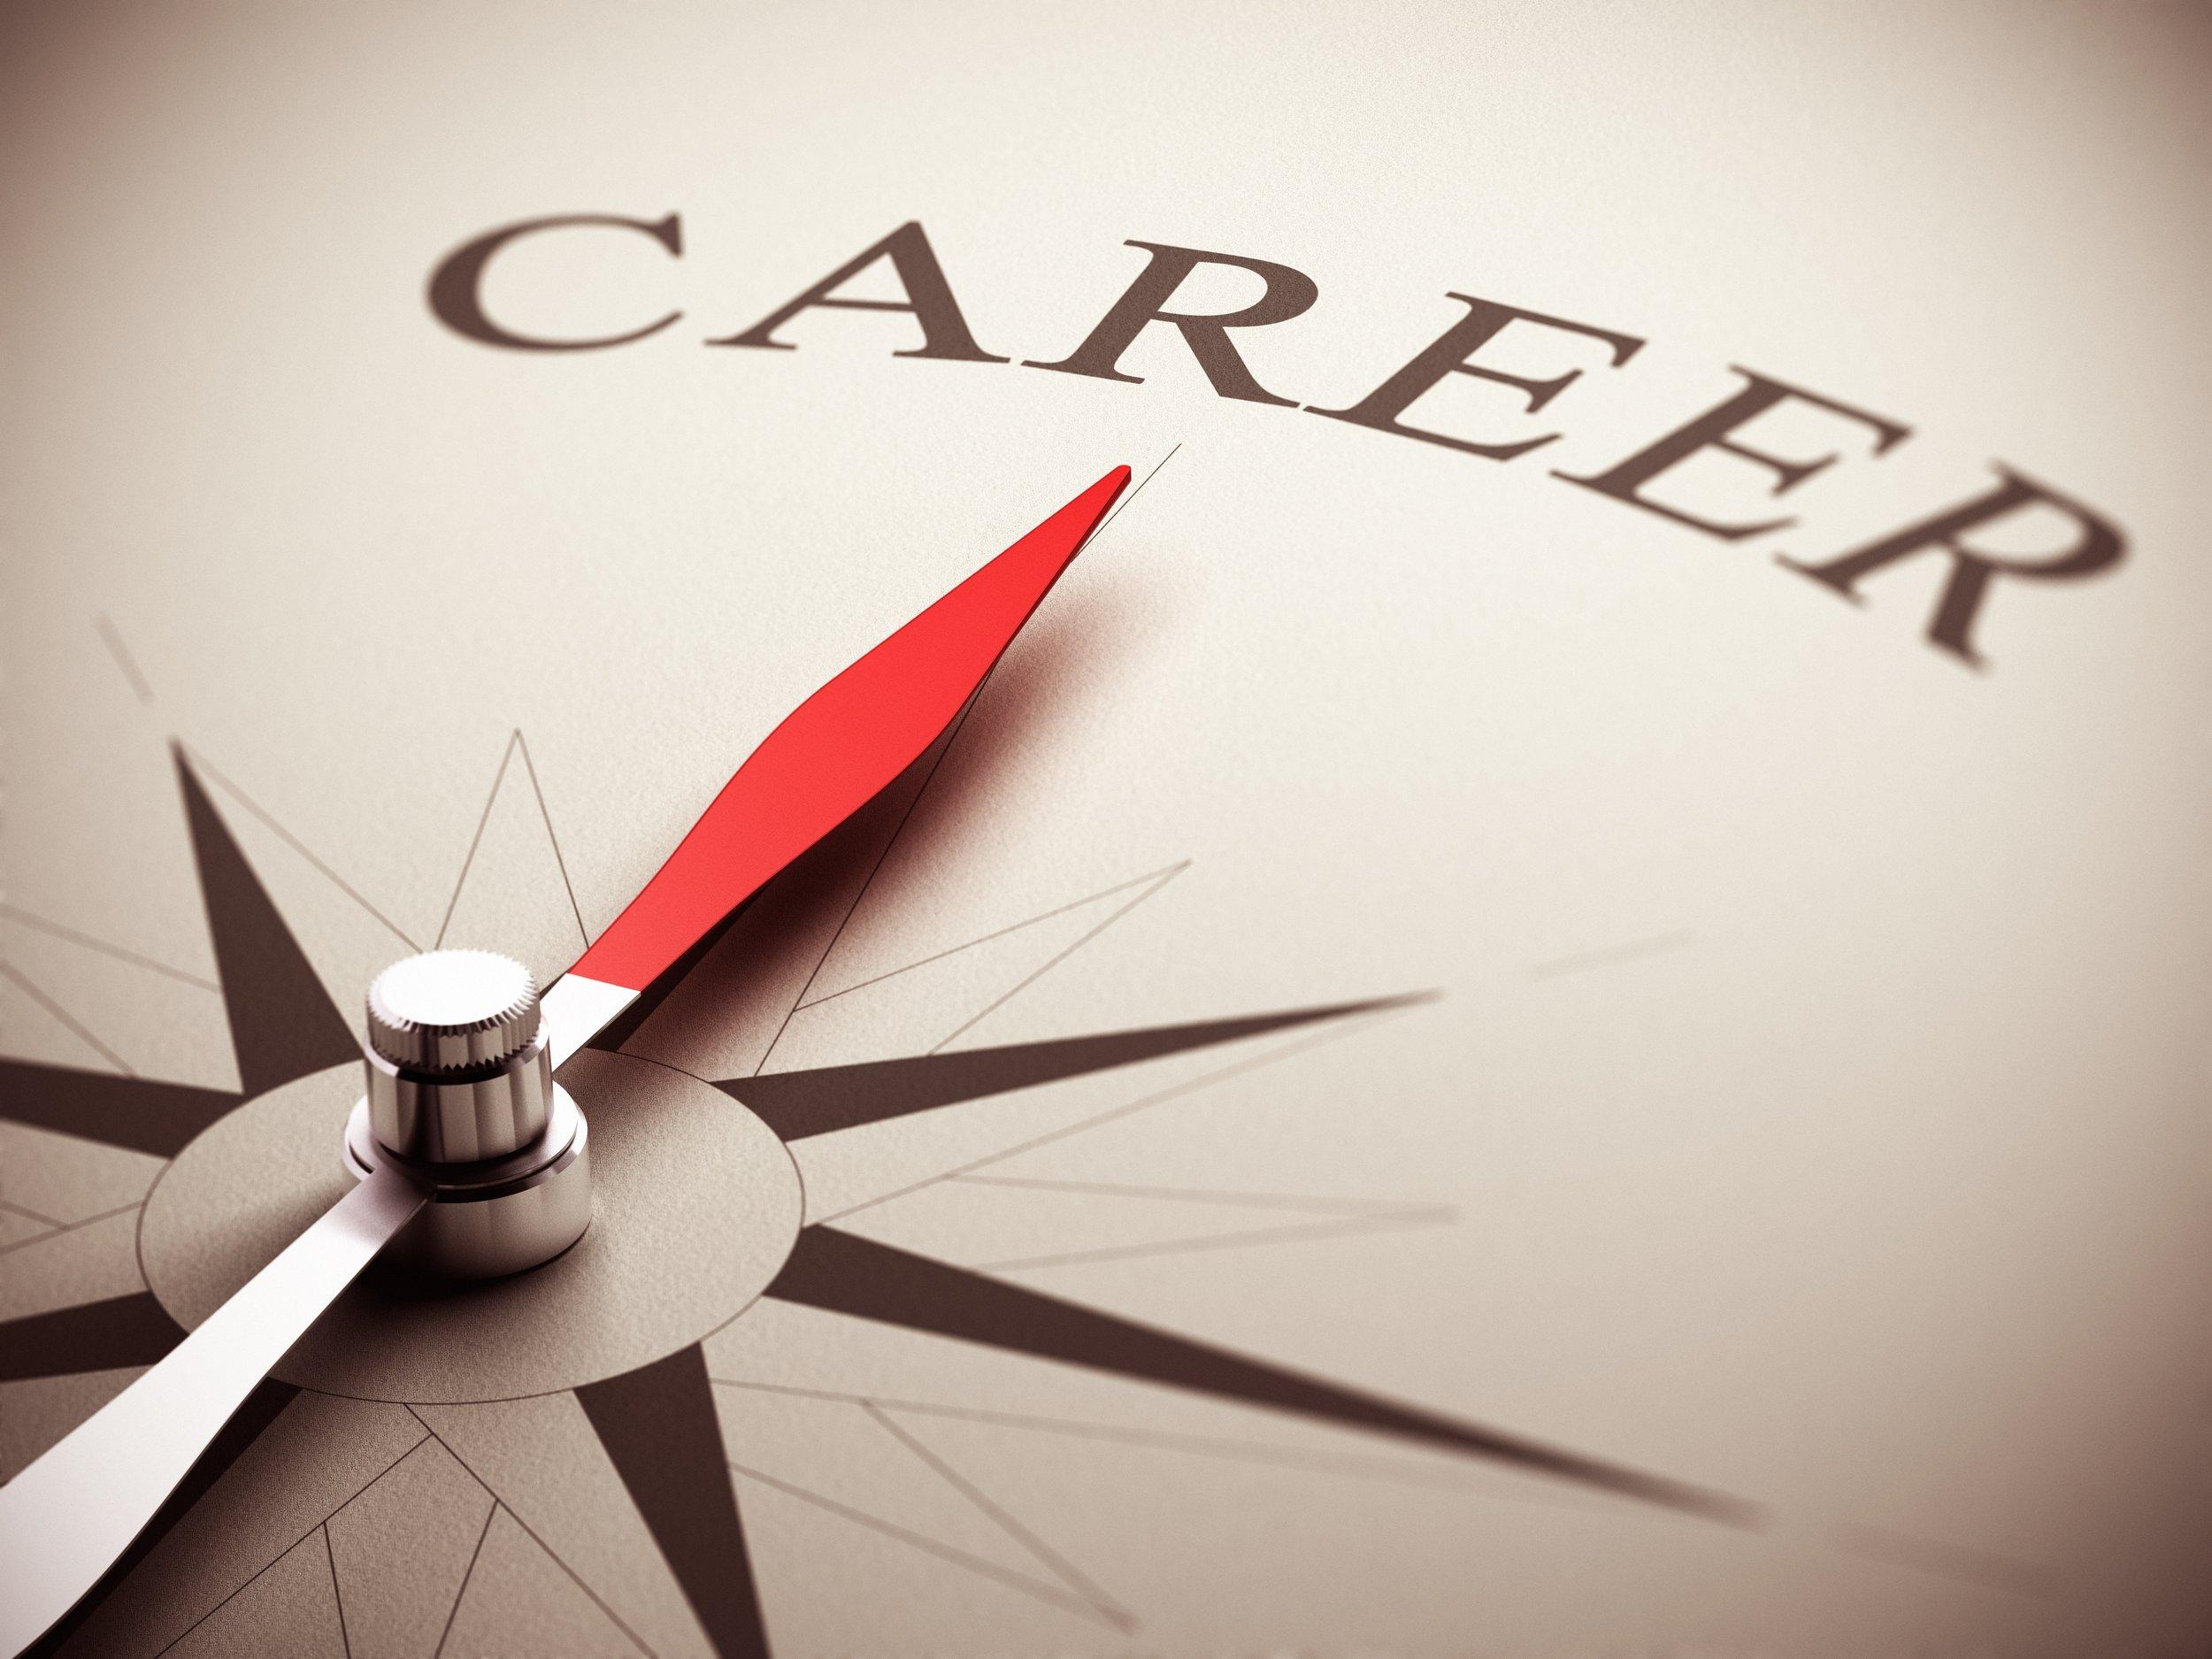 career, compass, coaching